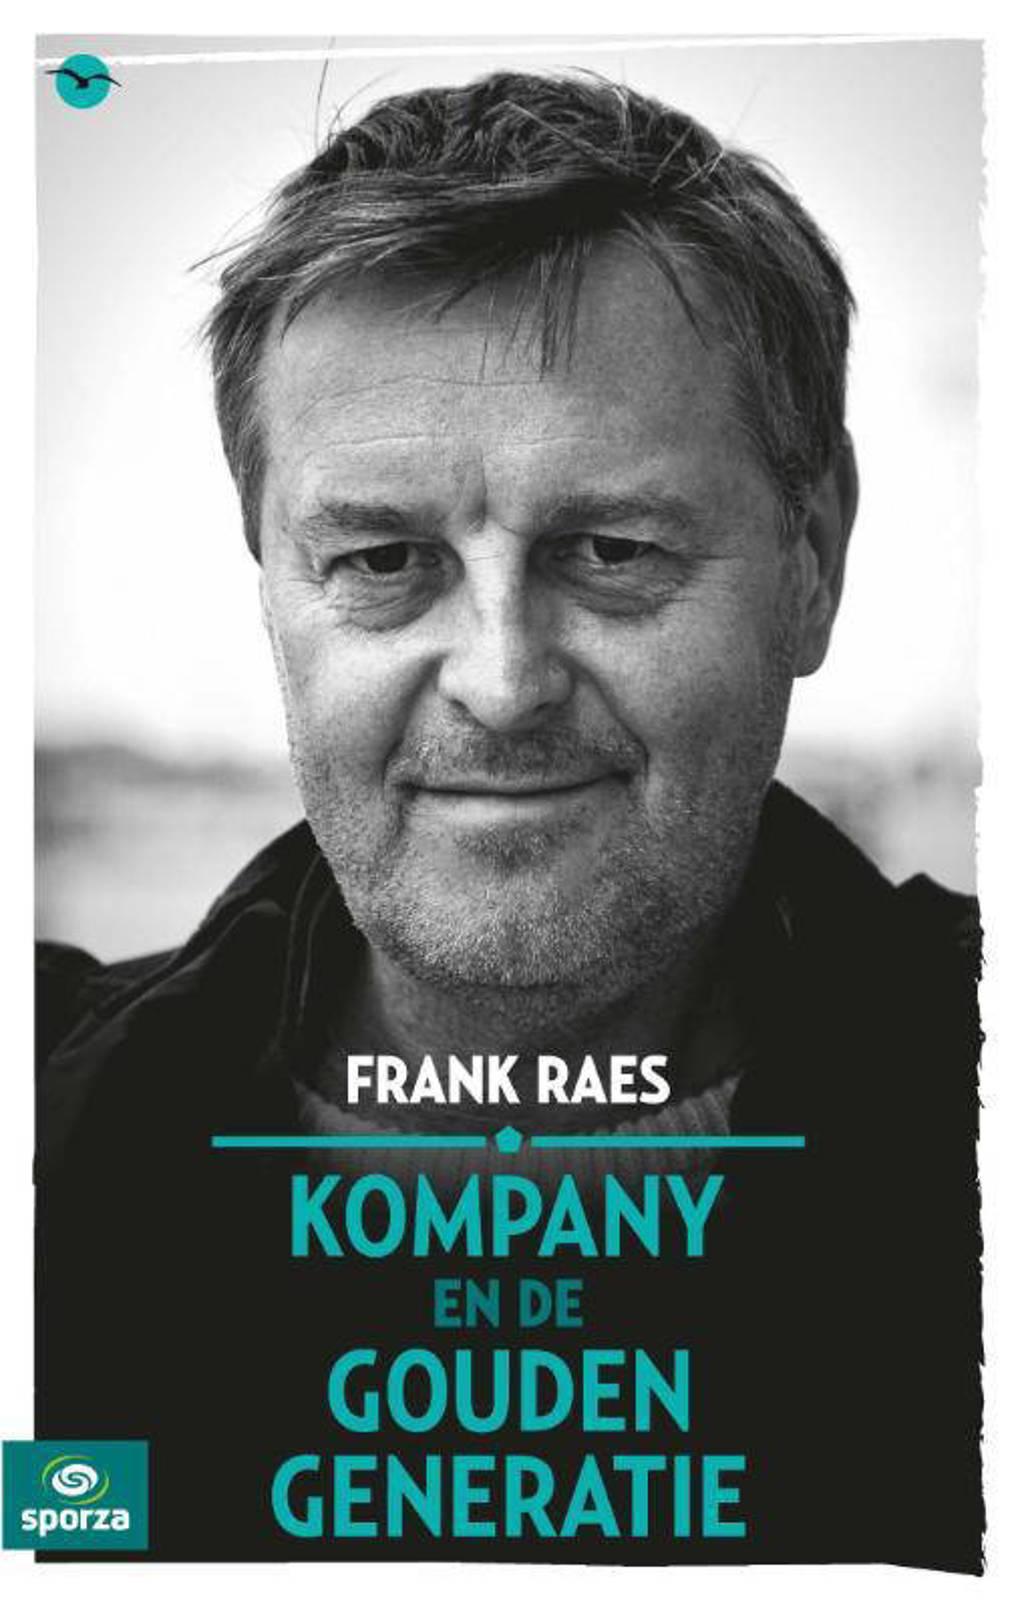 Kompany en de gouden generatie - Frank Raes